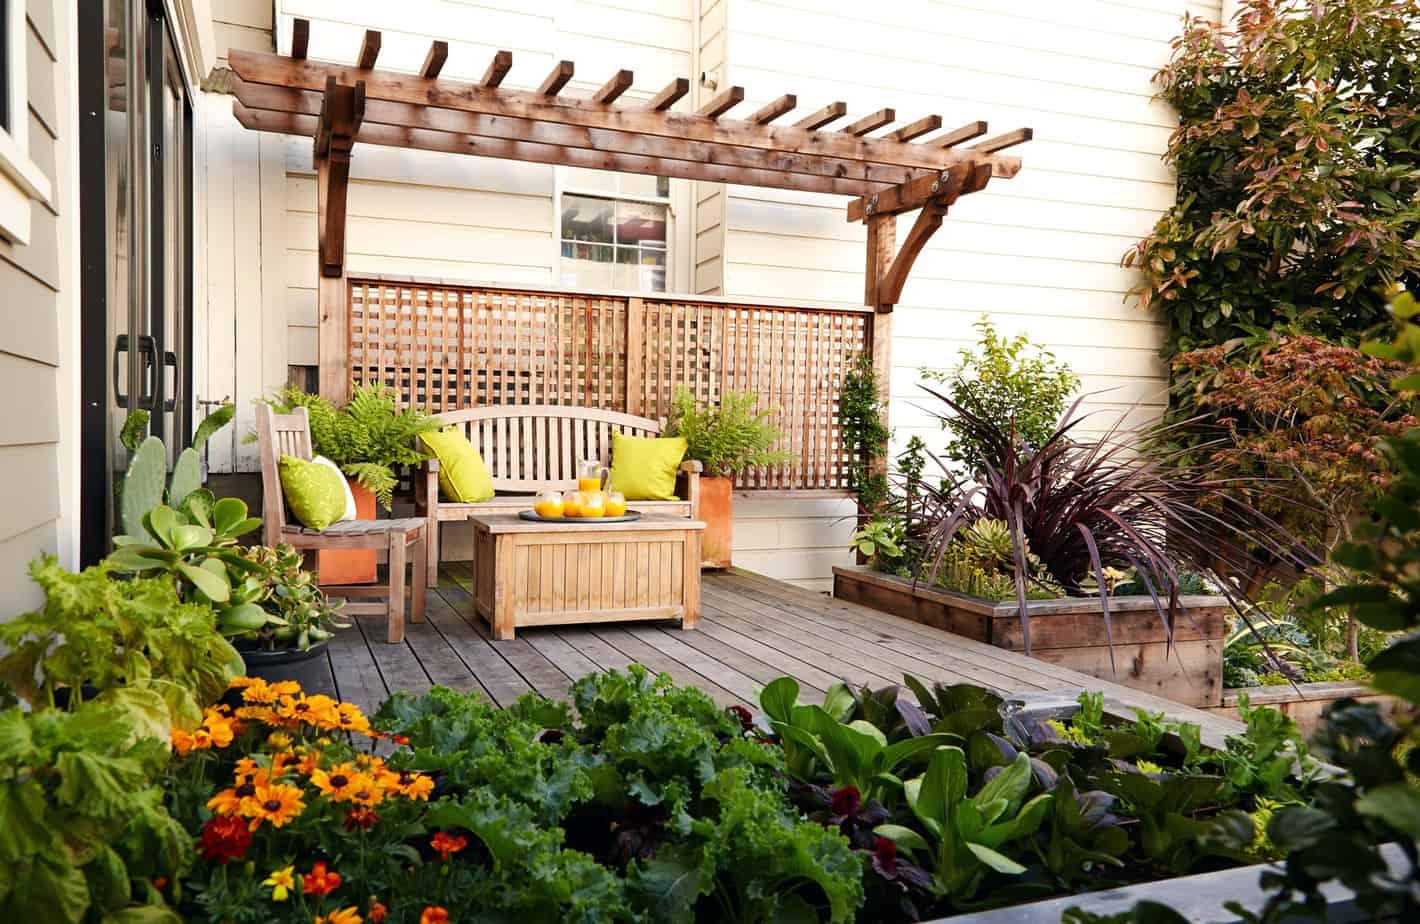 Garden bench in a wooden pergola